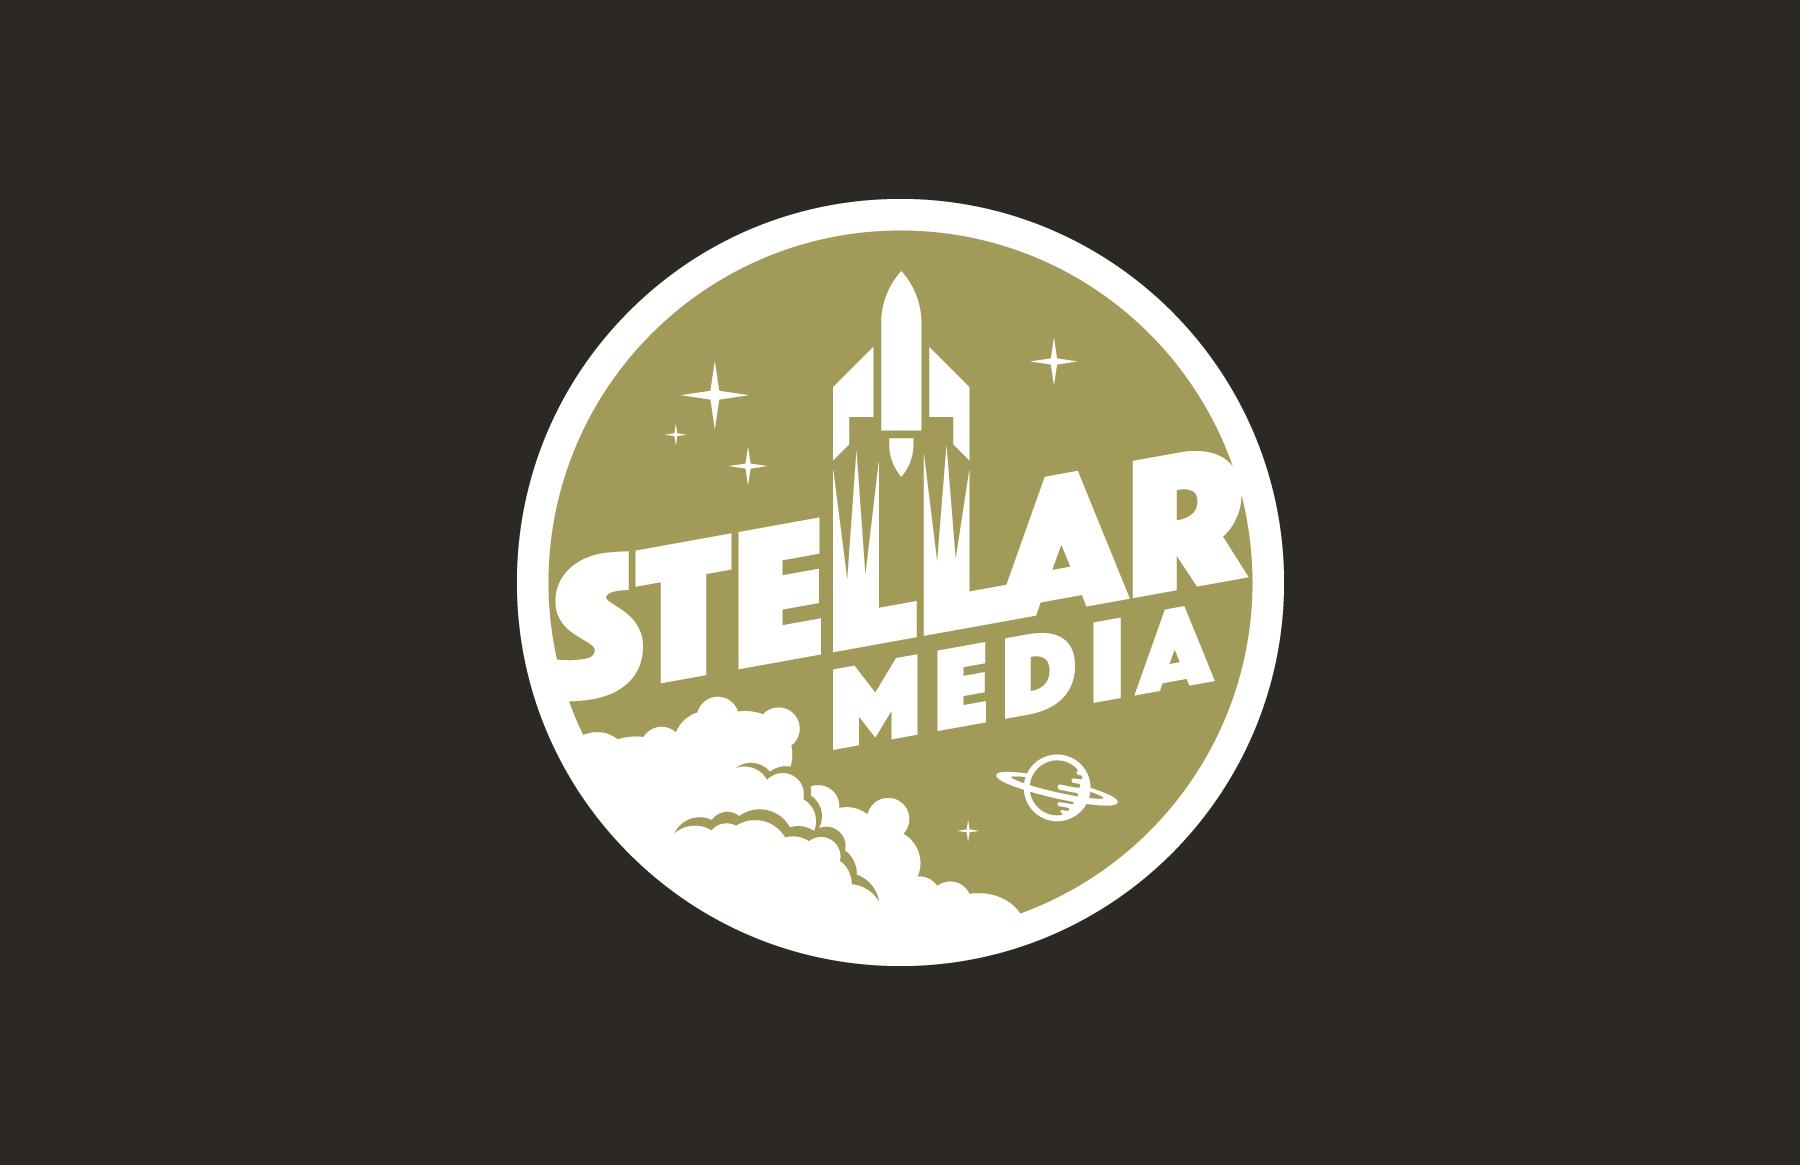 Stellar Media